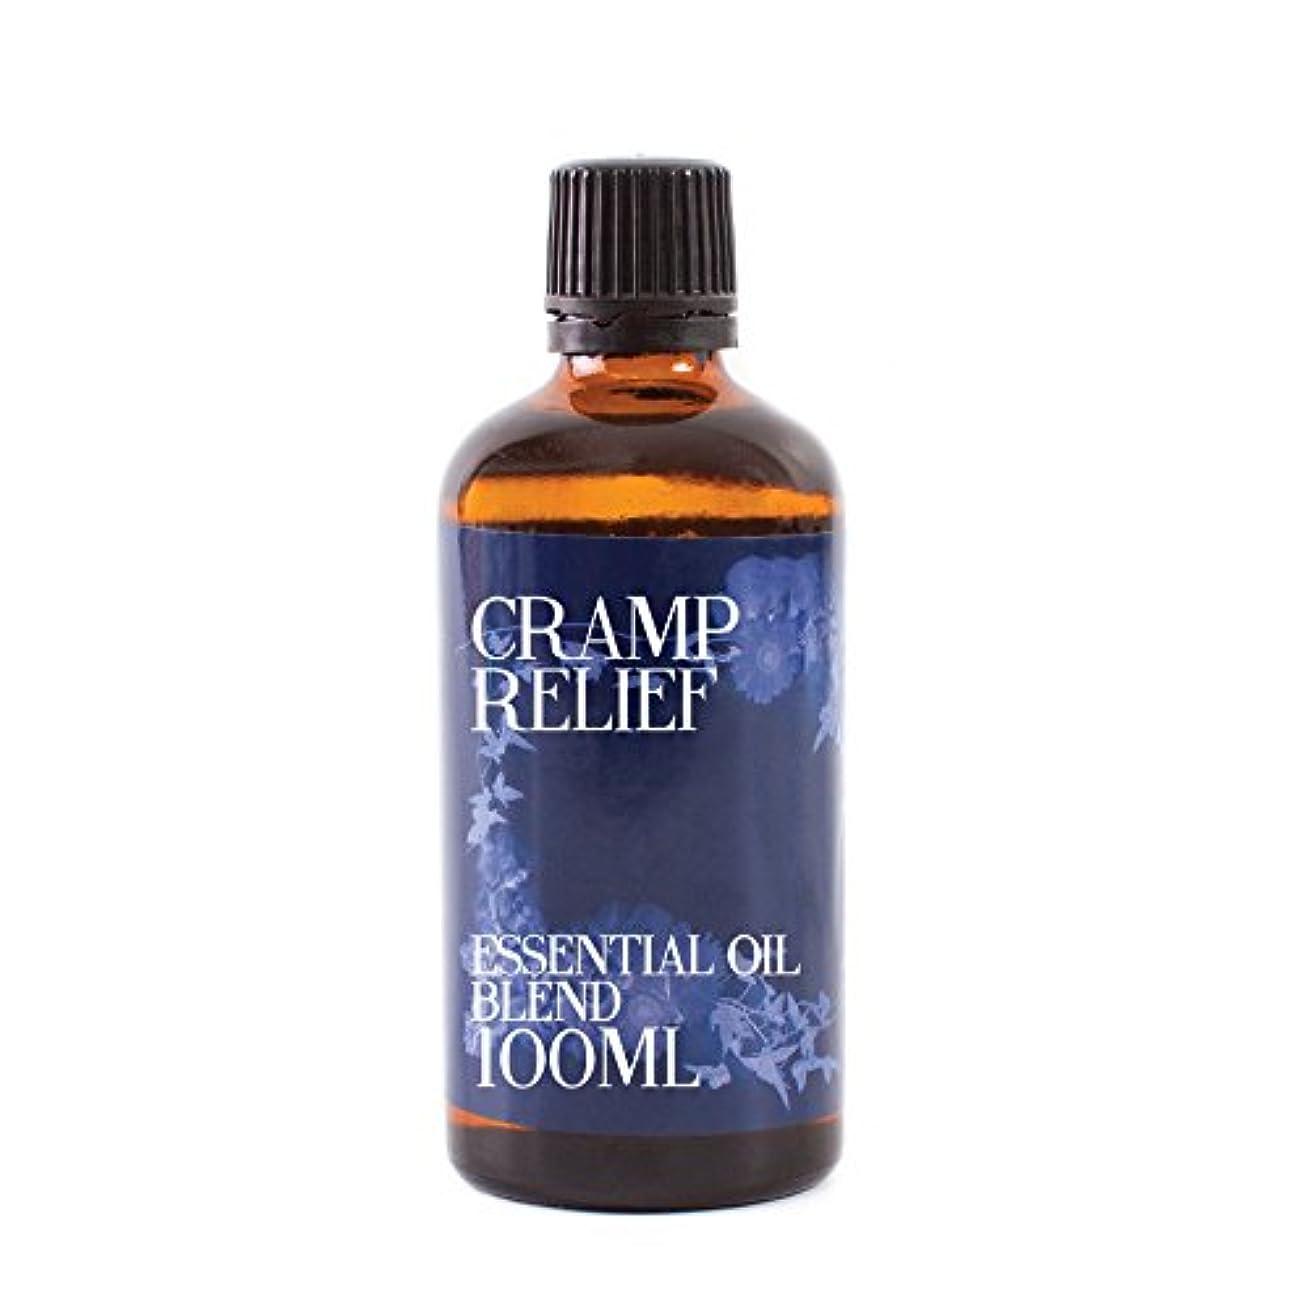 スライム傘出くわすMystix London | Cramp Relief Essential Oil Blend - 100ml - 100% Pure